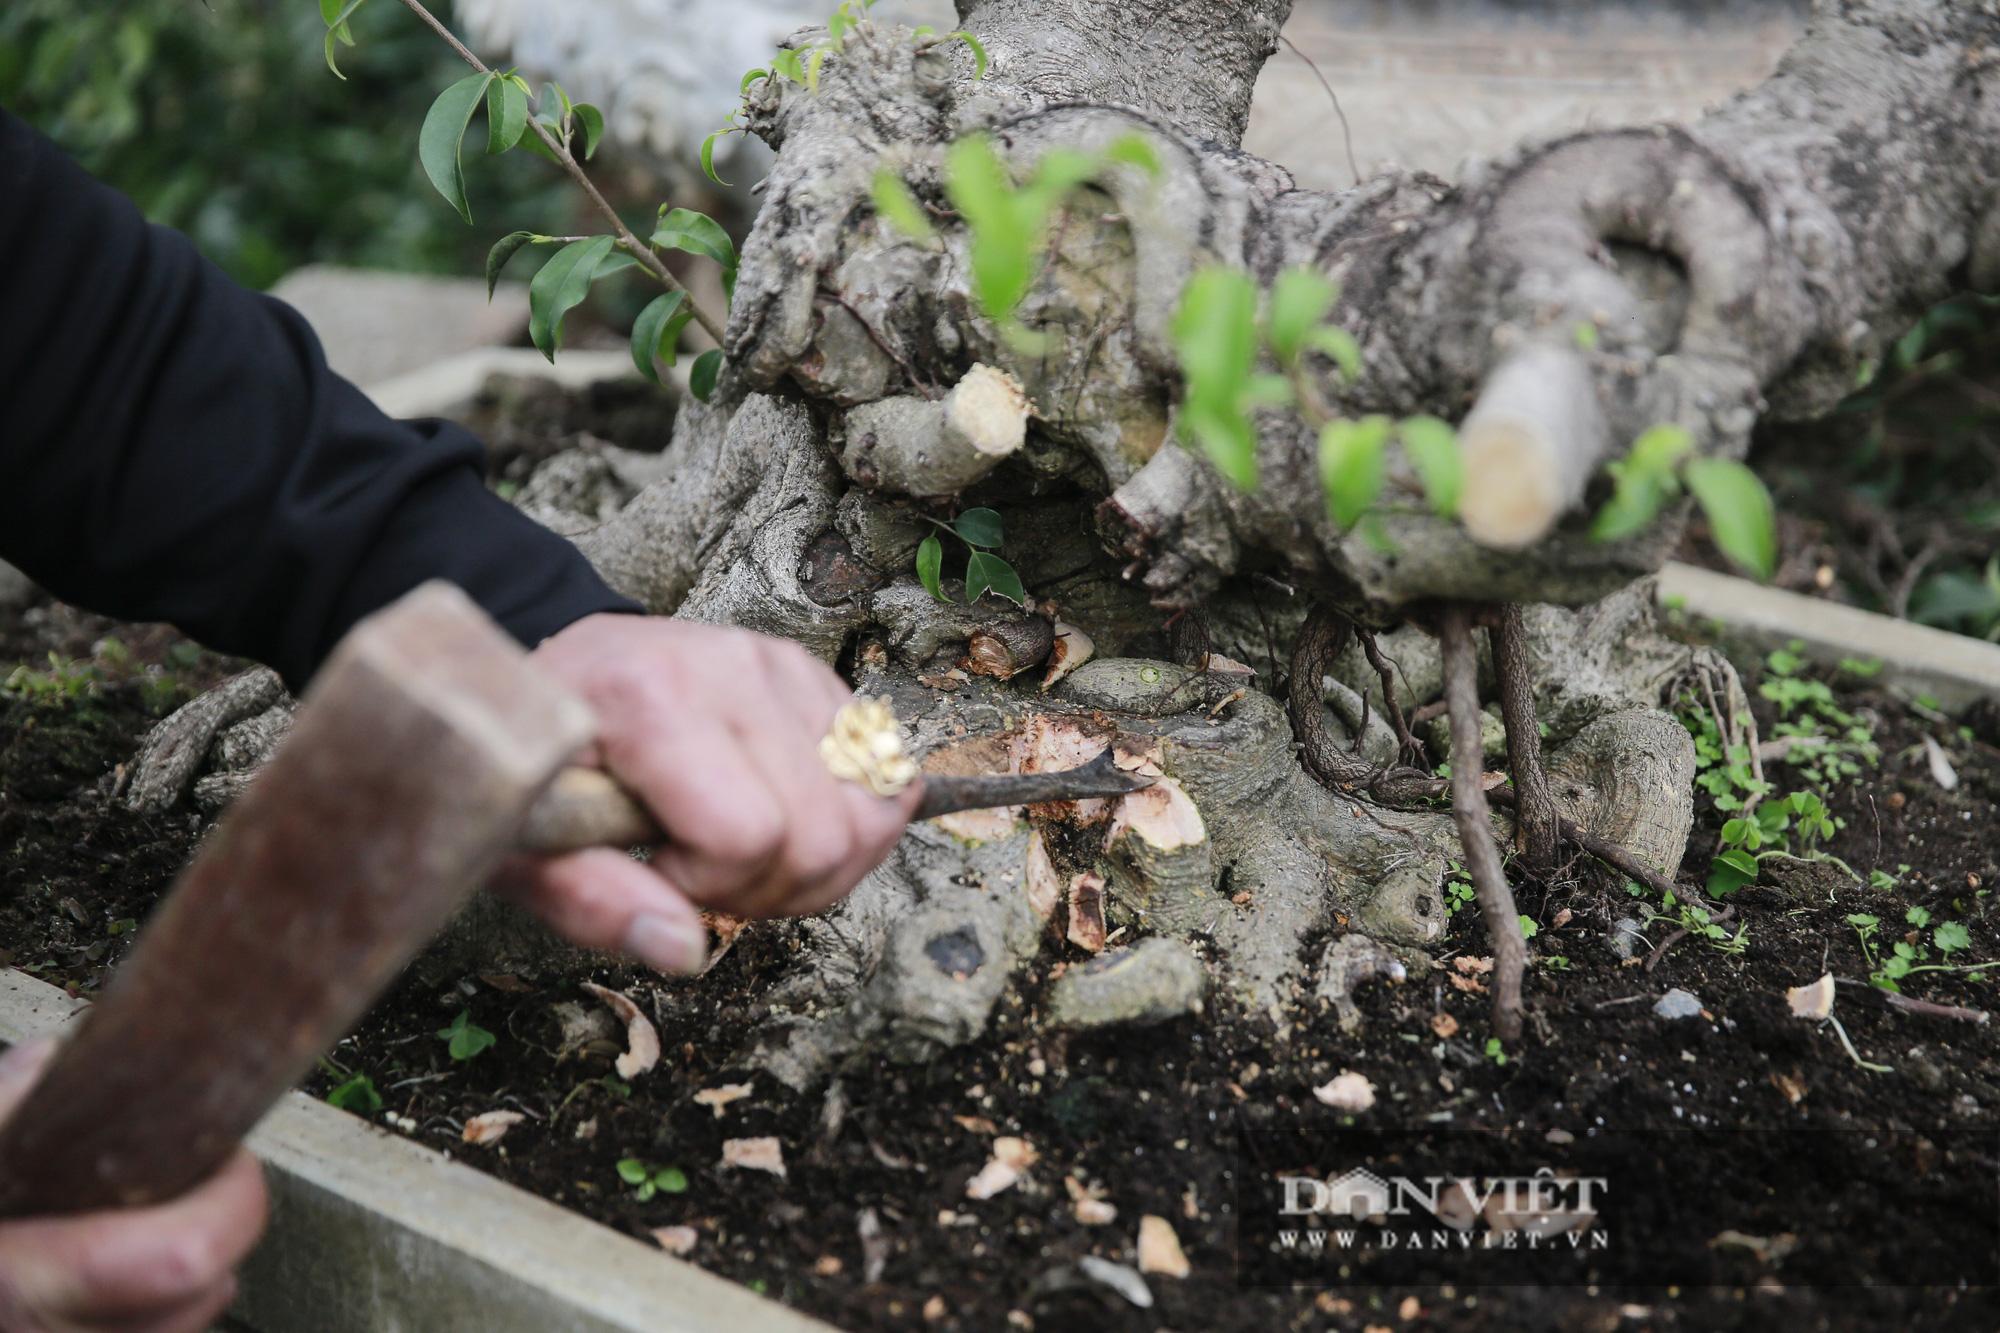 Mãn nhãn với những chậu bonsai quý hiếm tại Festival Sinh vật cảnh Hà Nội - Ảnh 4.